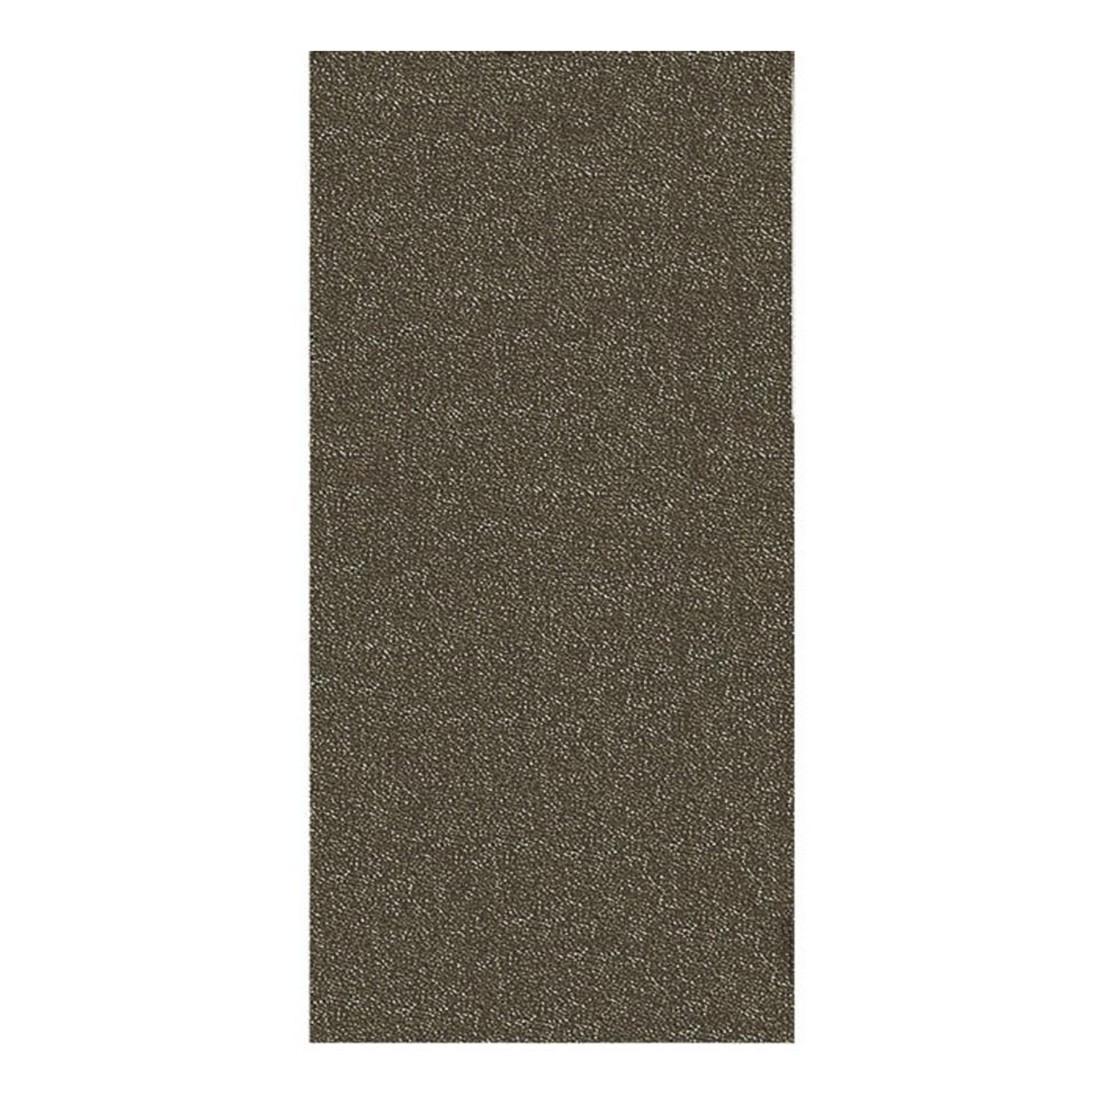 Badteppich Bambou - 50% Viskose, 50% Baumwolle Eucalyptus - 698 - 55x65 cm, Kleine Wolke